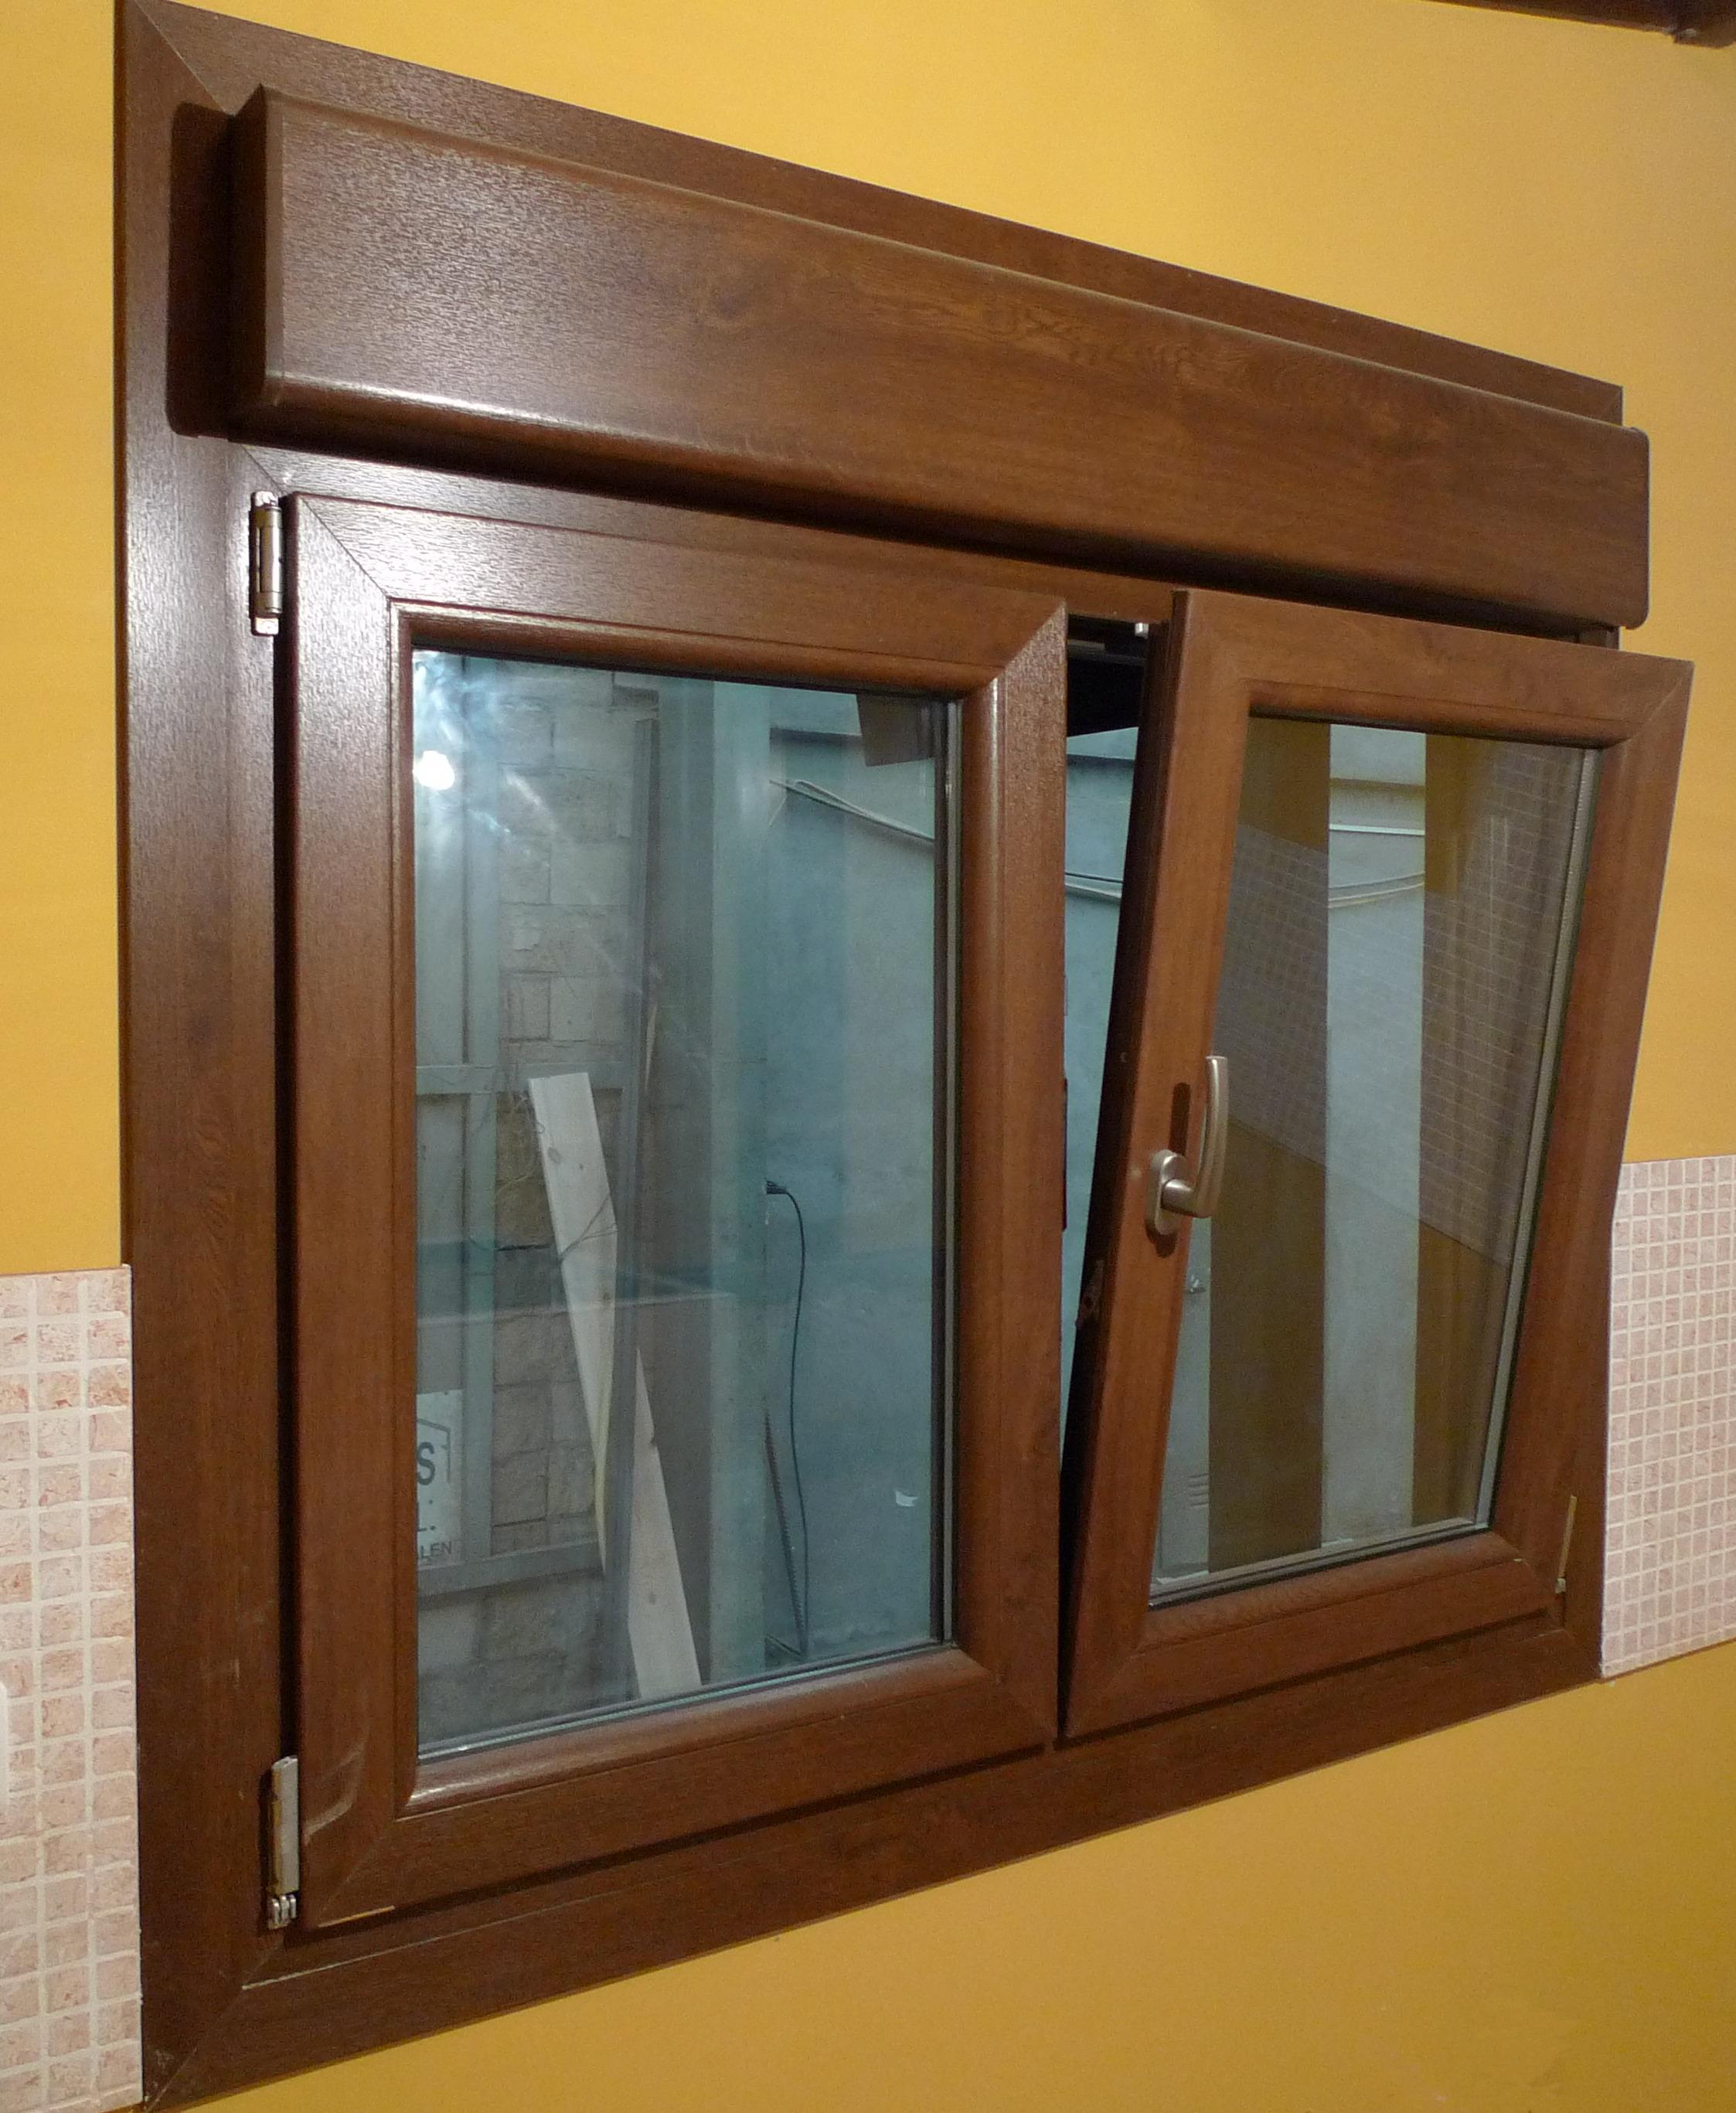 Ventanas de aluminio aluminios fiser for Colores ventanas aluminio lacado